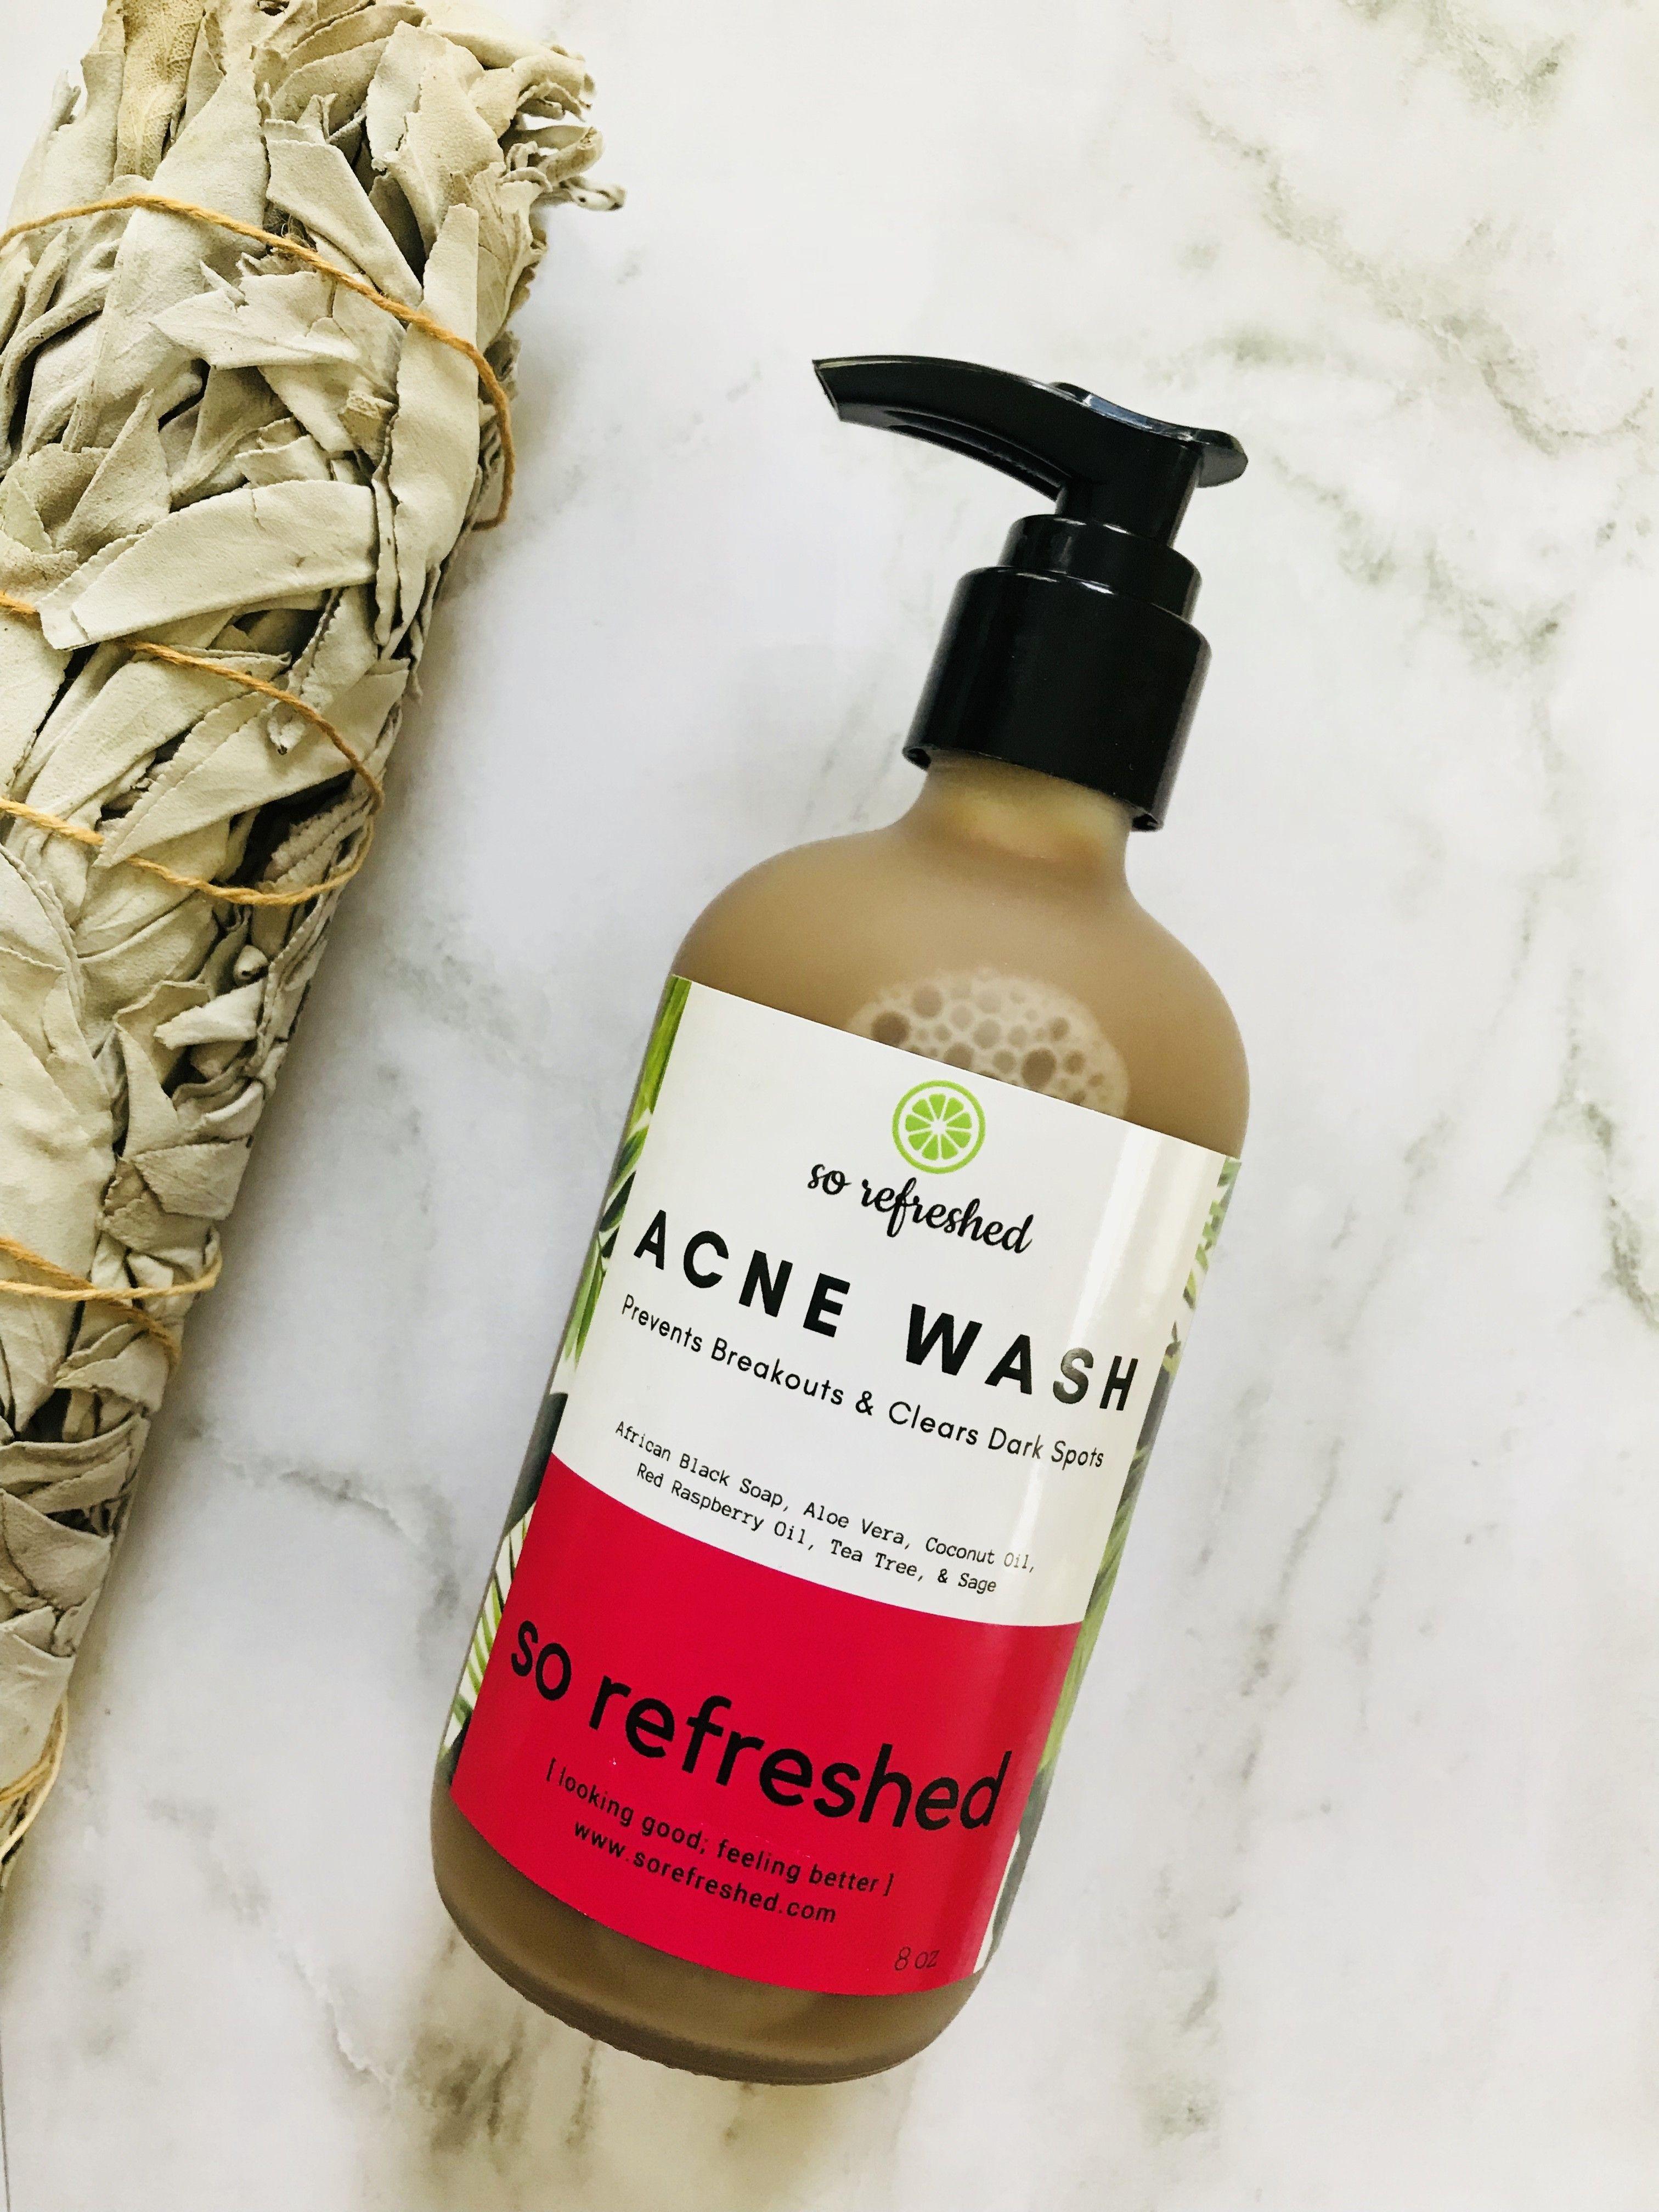 Acne wash acne wash coconut oil for skin coconut oil